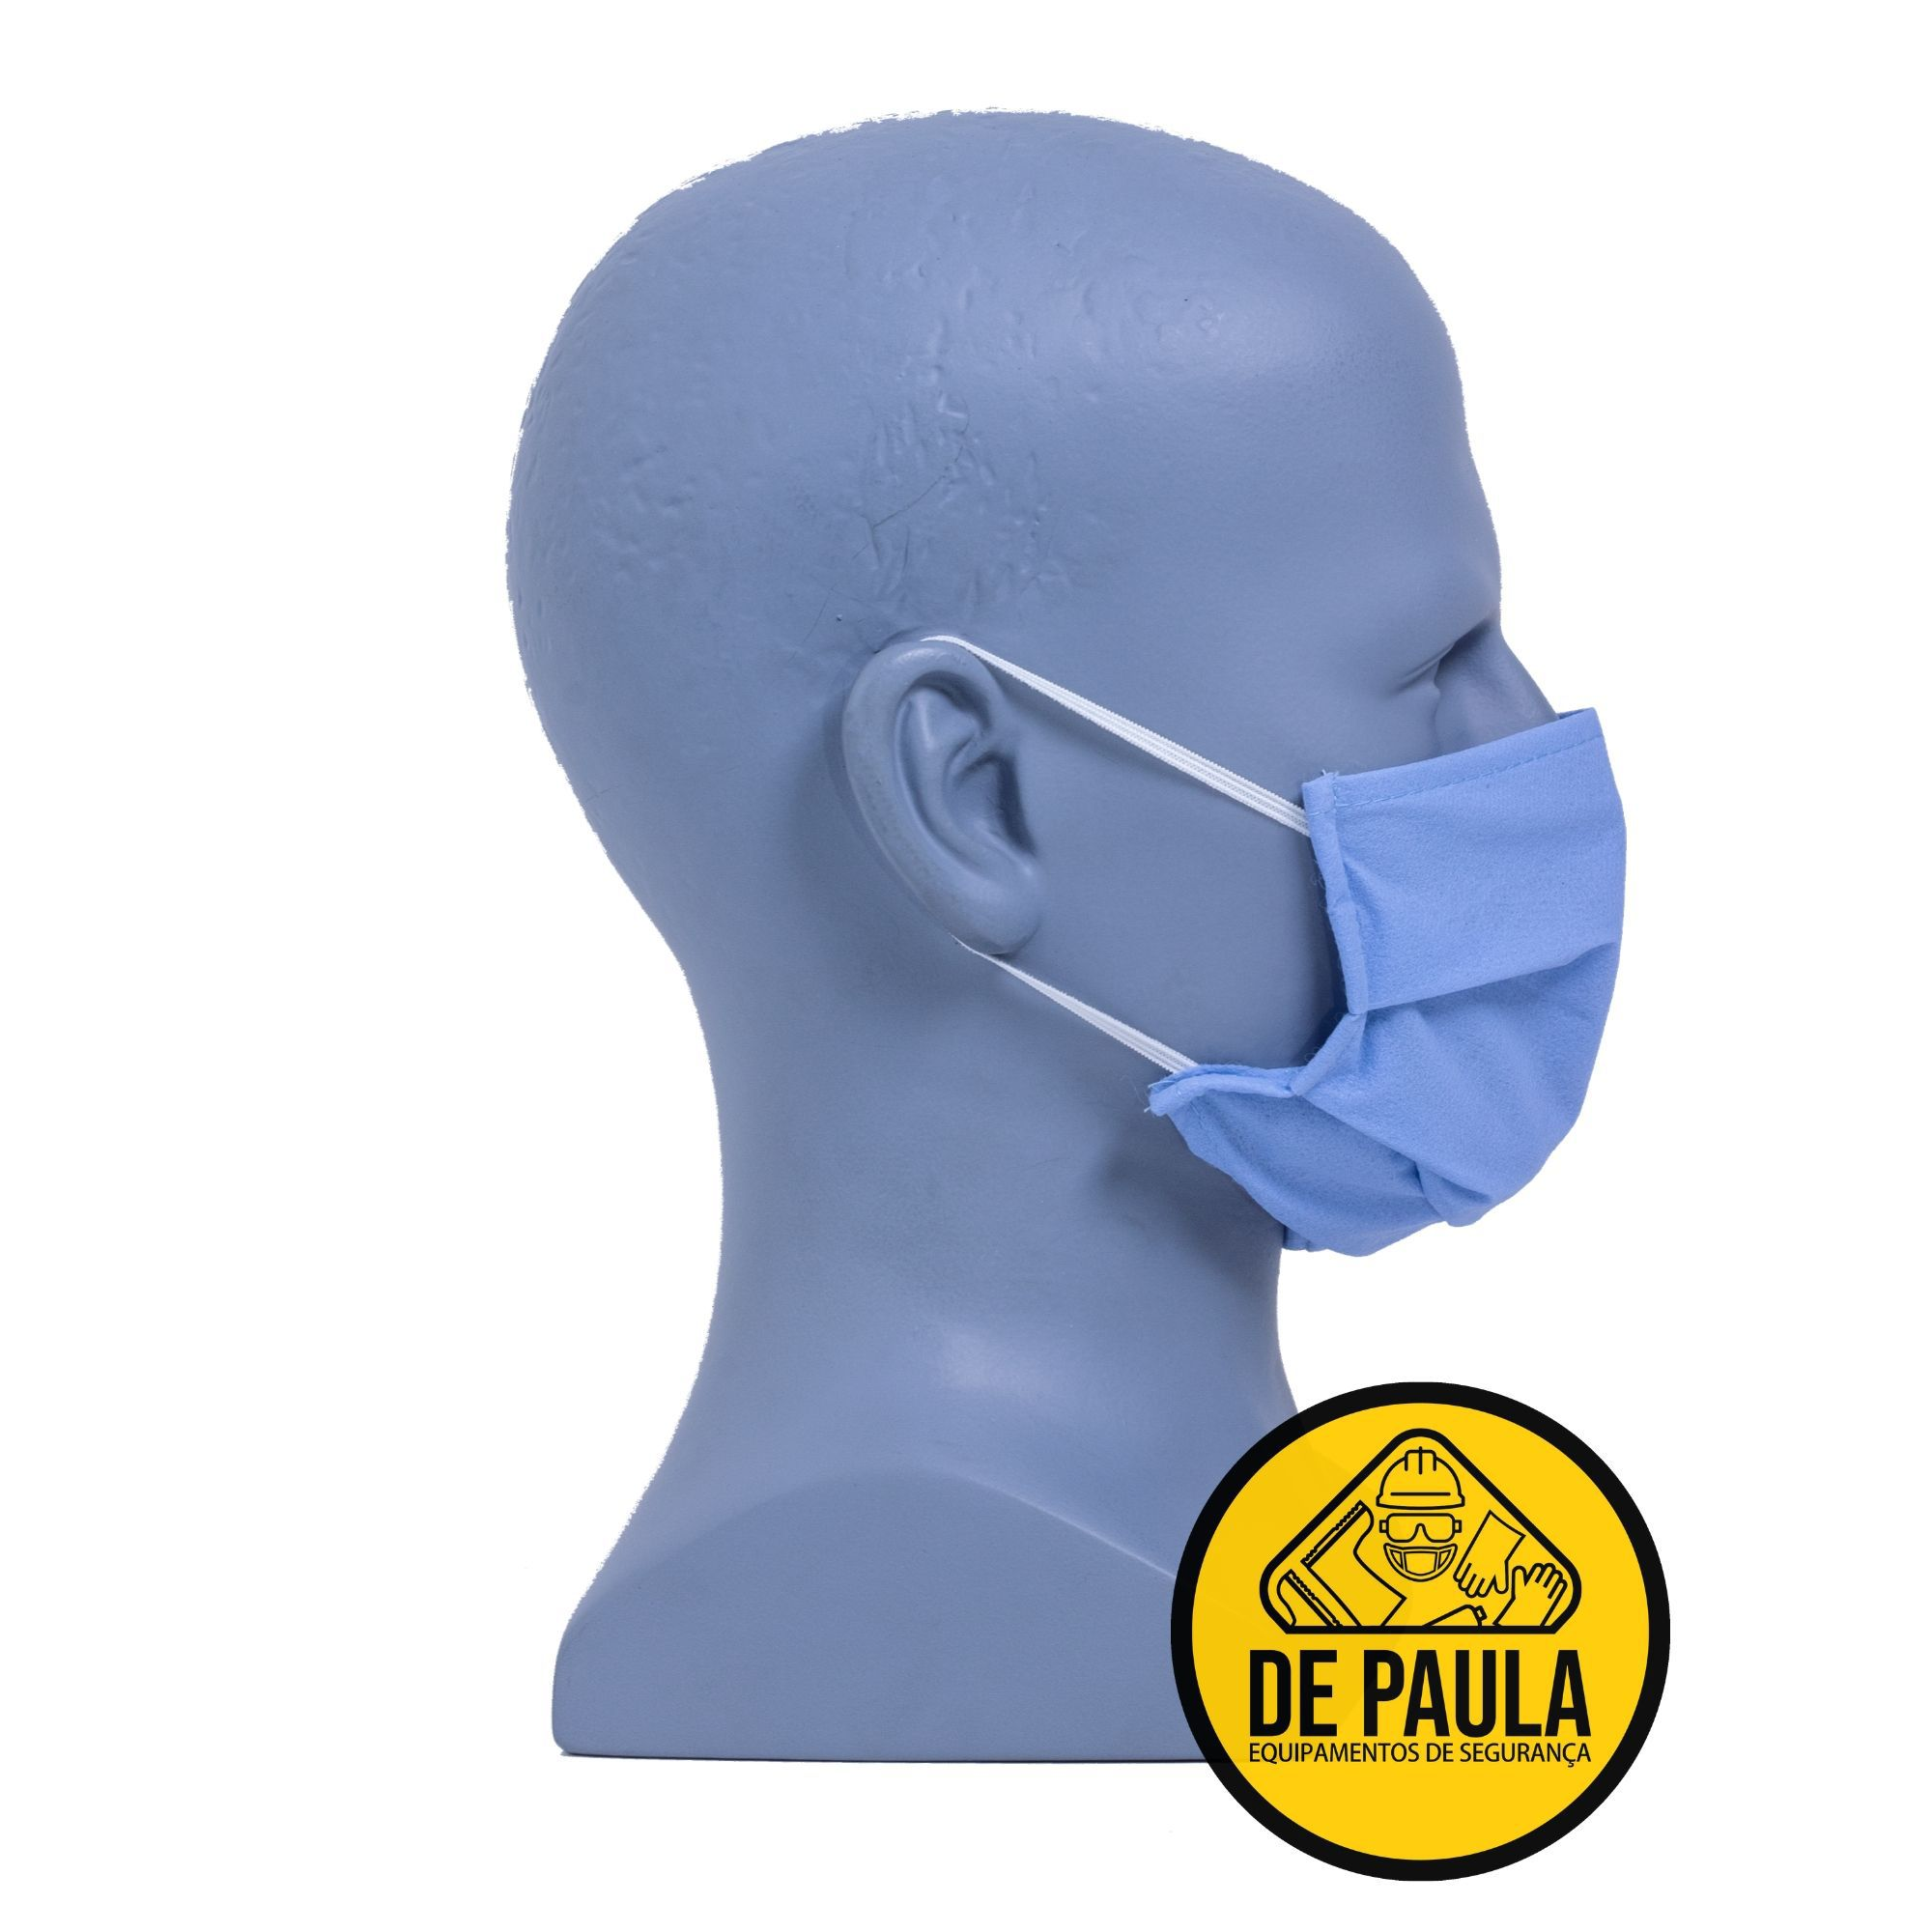 MÁSCARA EM TNT GRAMATURA 0,40 DUPLA CAMADA - PACTE 2 UNID  - DE PAULA EPI